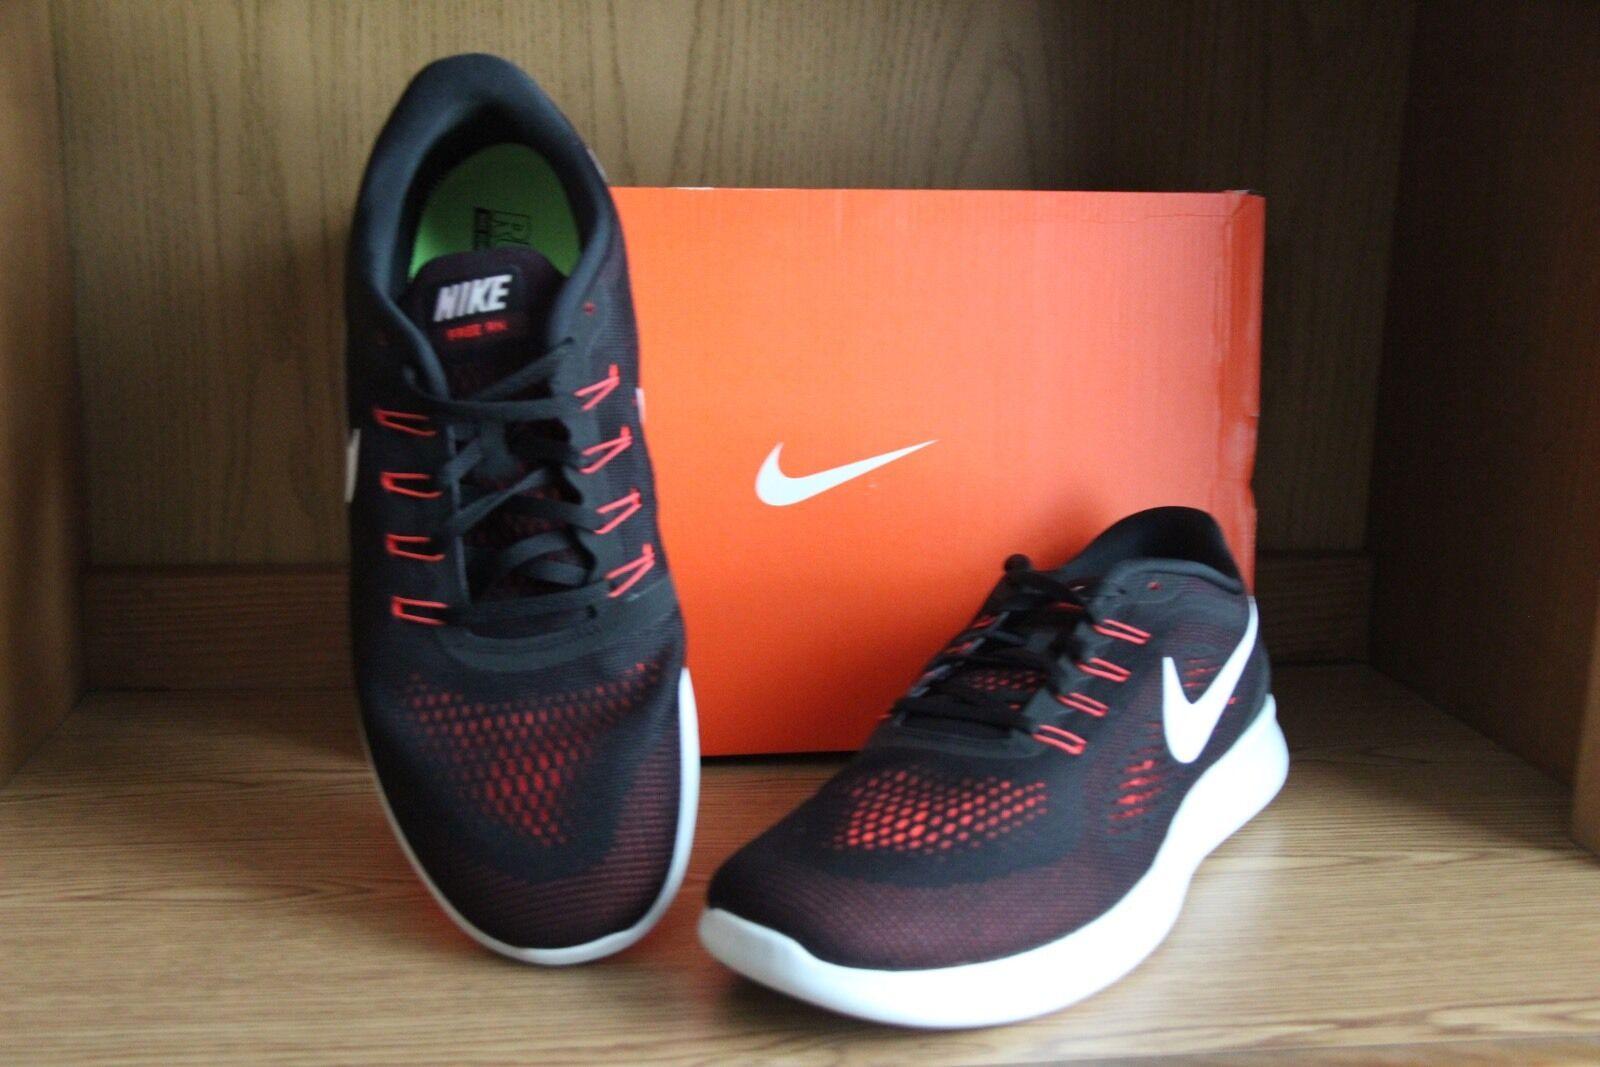 Wild casual shoes Nike Free RN Running Shoe Black/Orange Men Comfortable